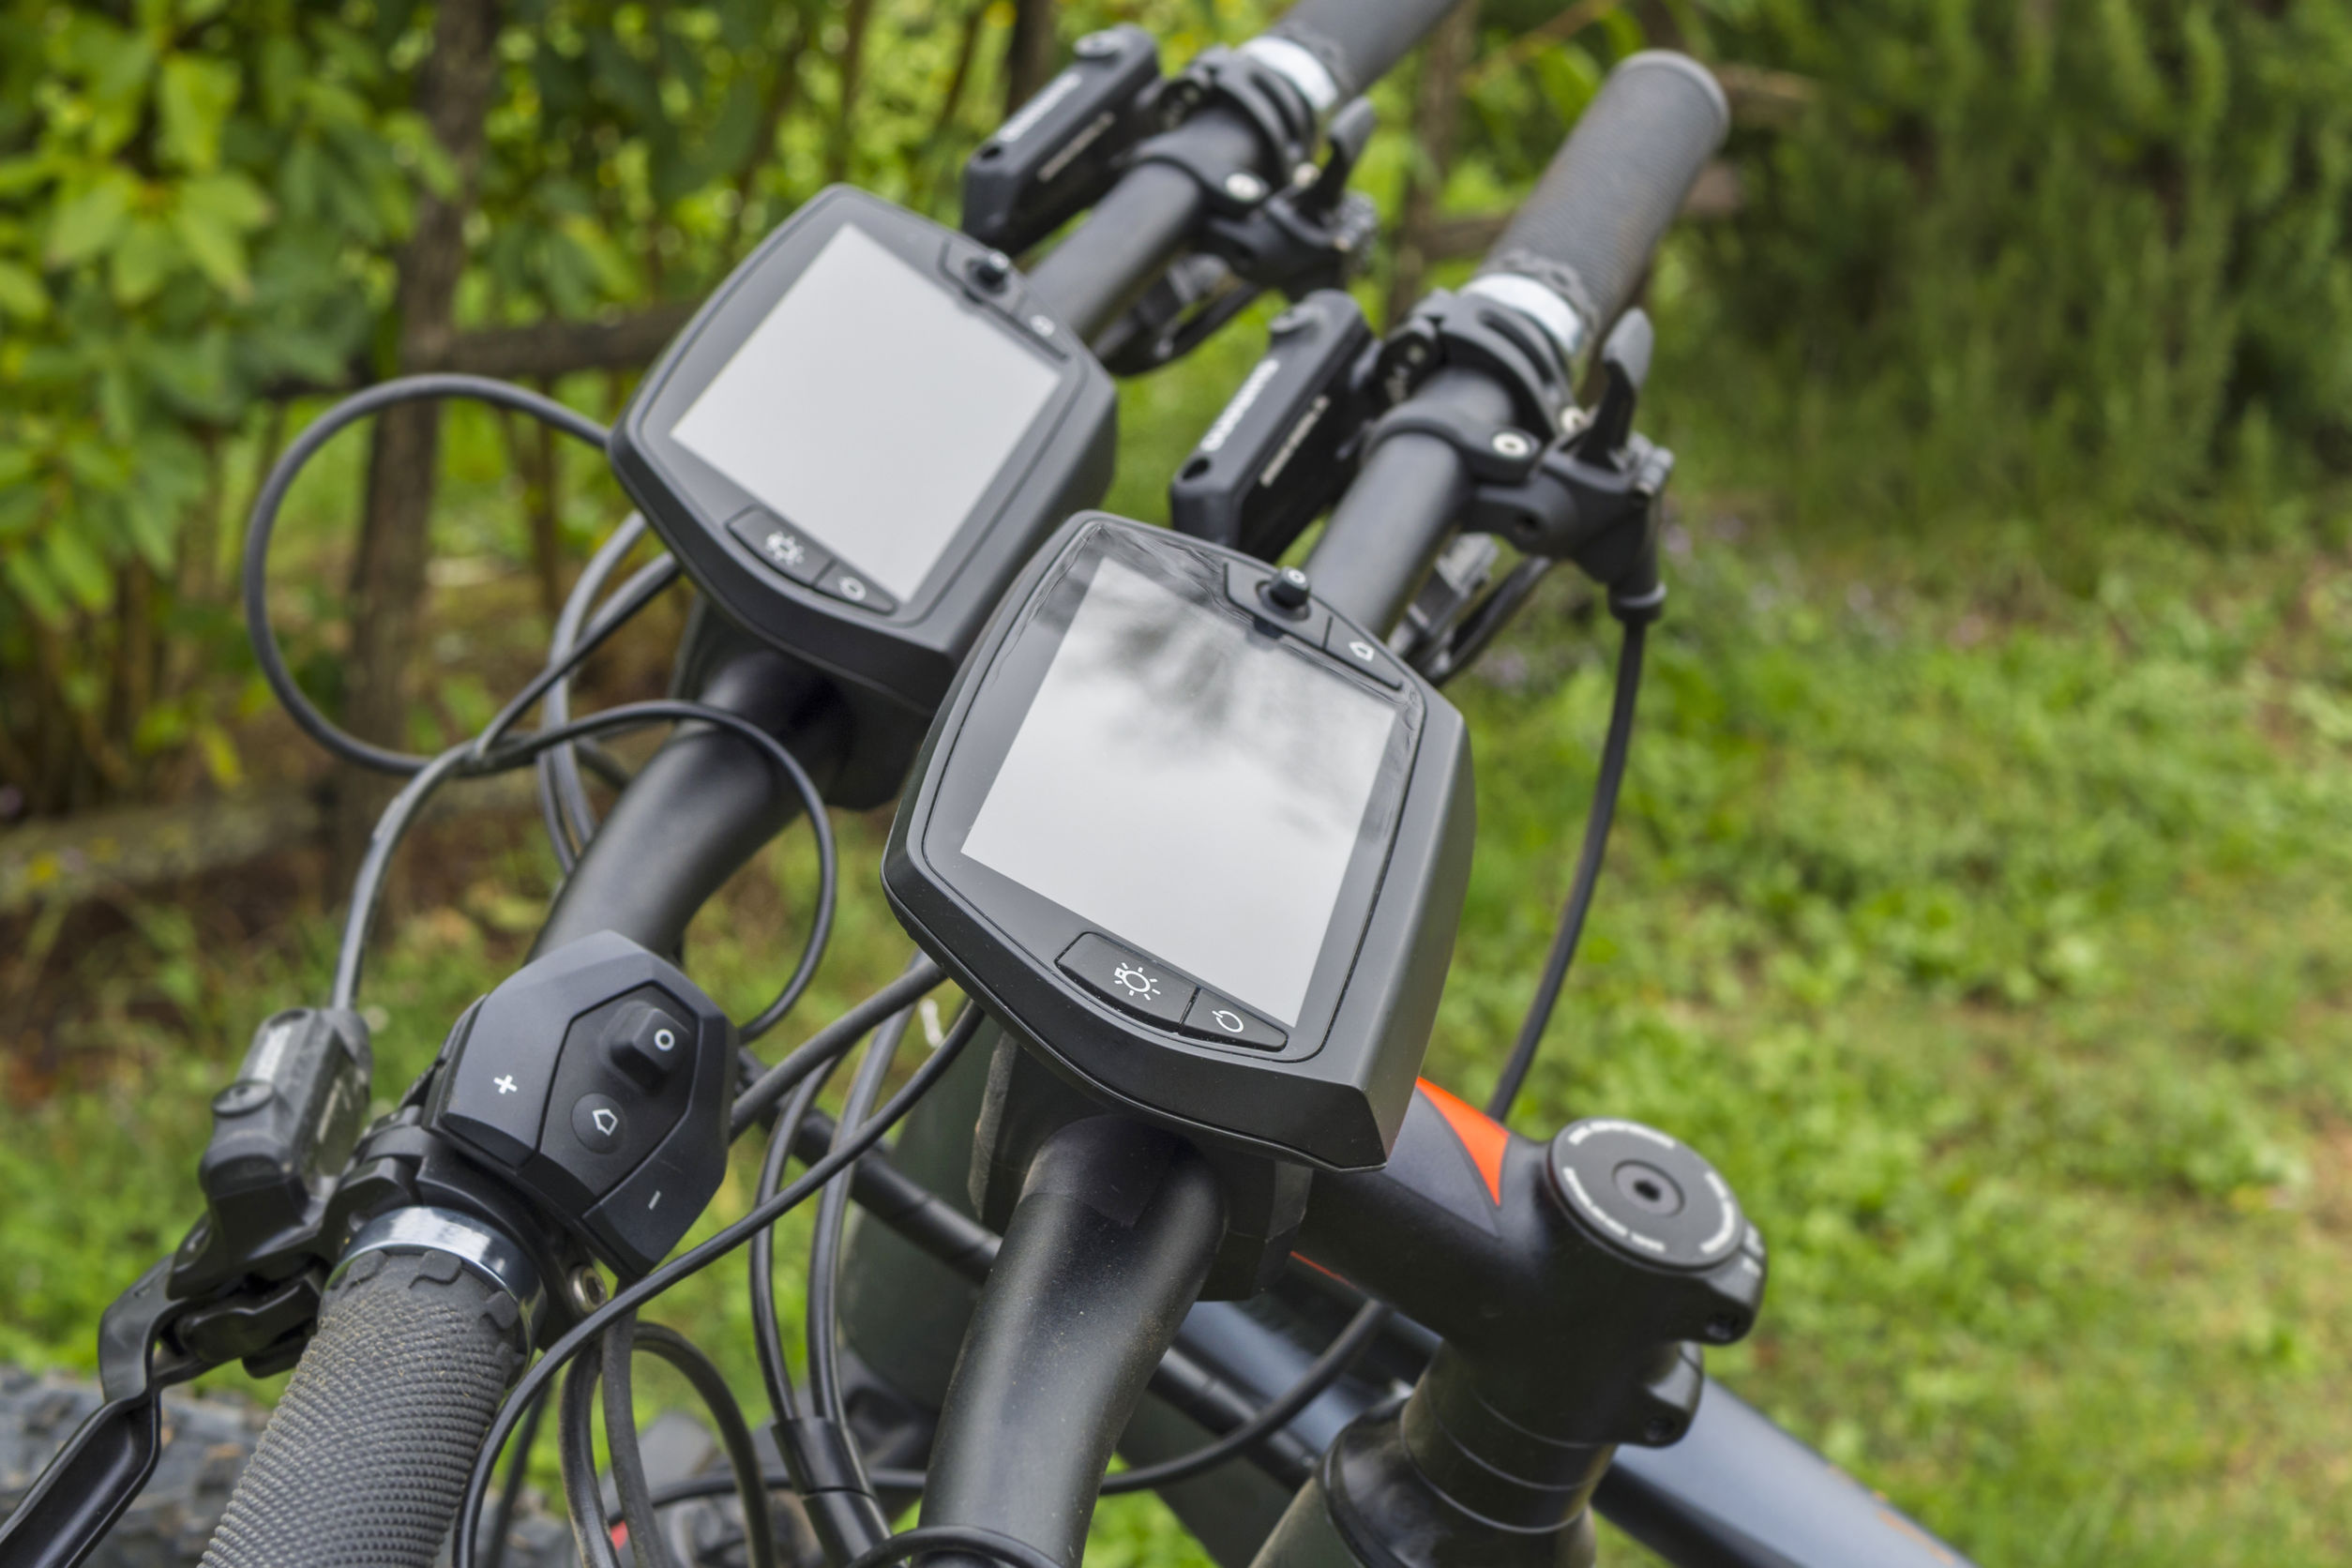 Imagen de dos ciclocomputadores